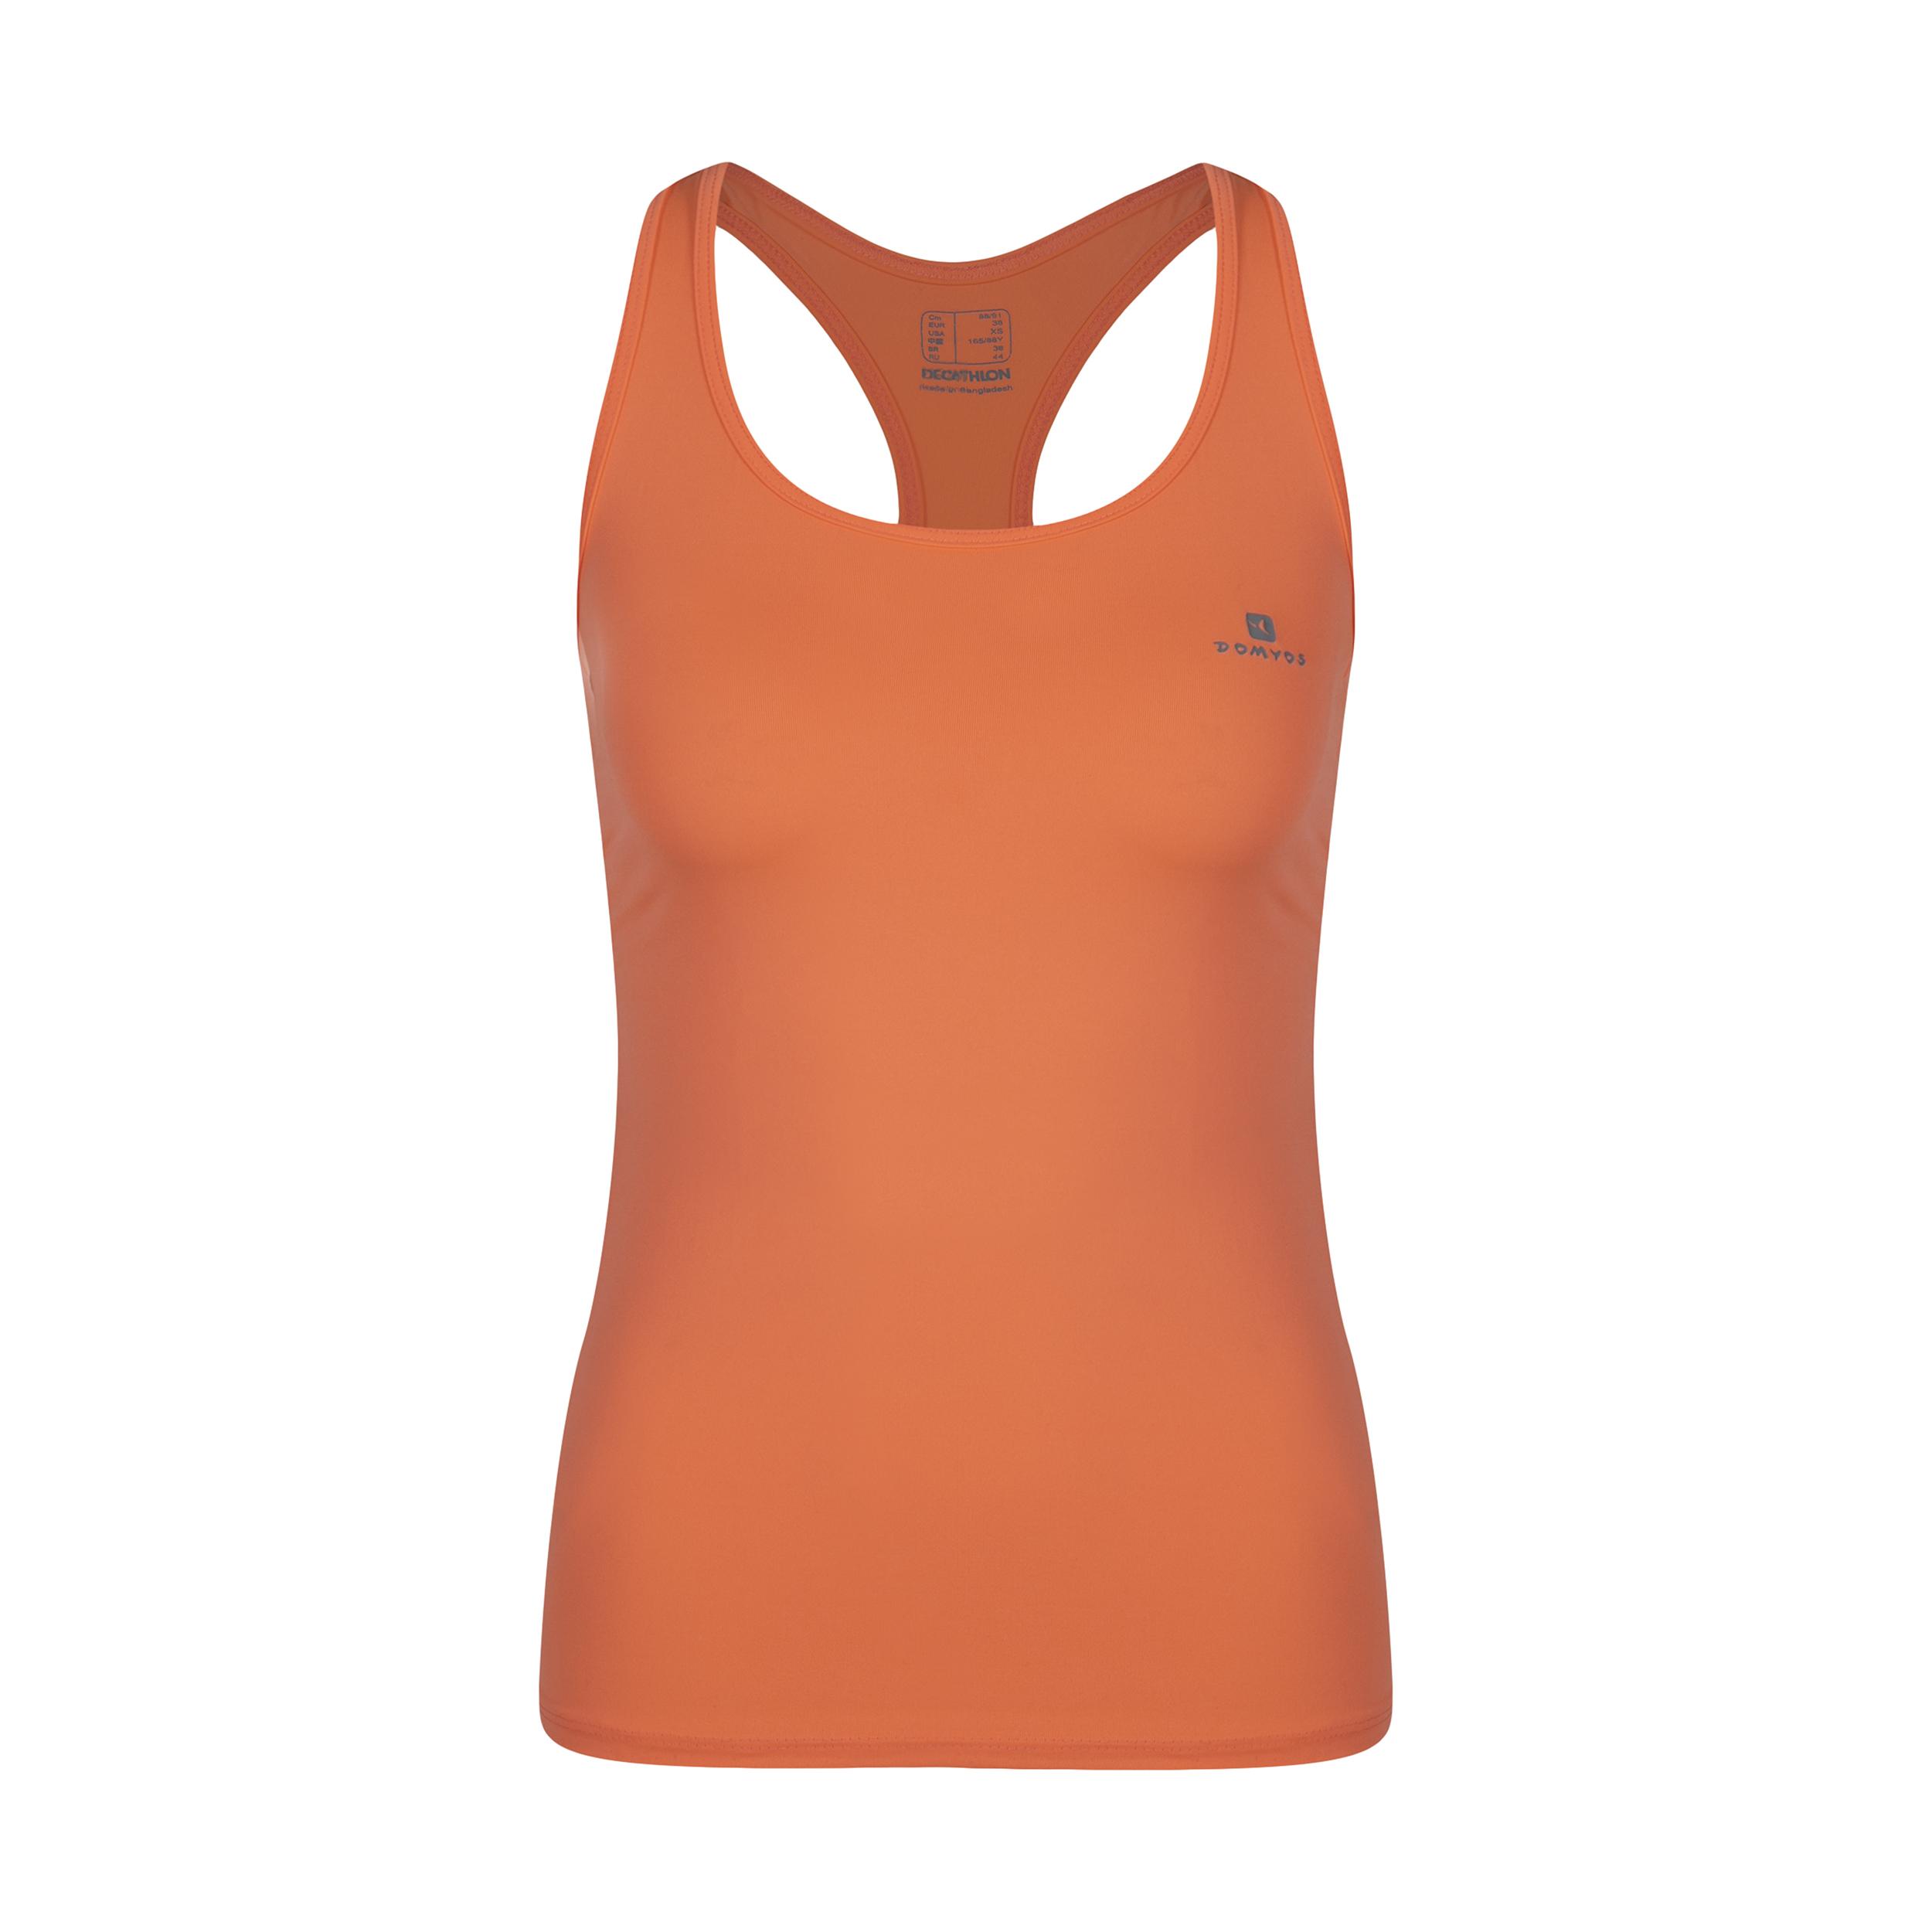 تاپ ورزشی زنانه دمیوس کد 44